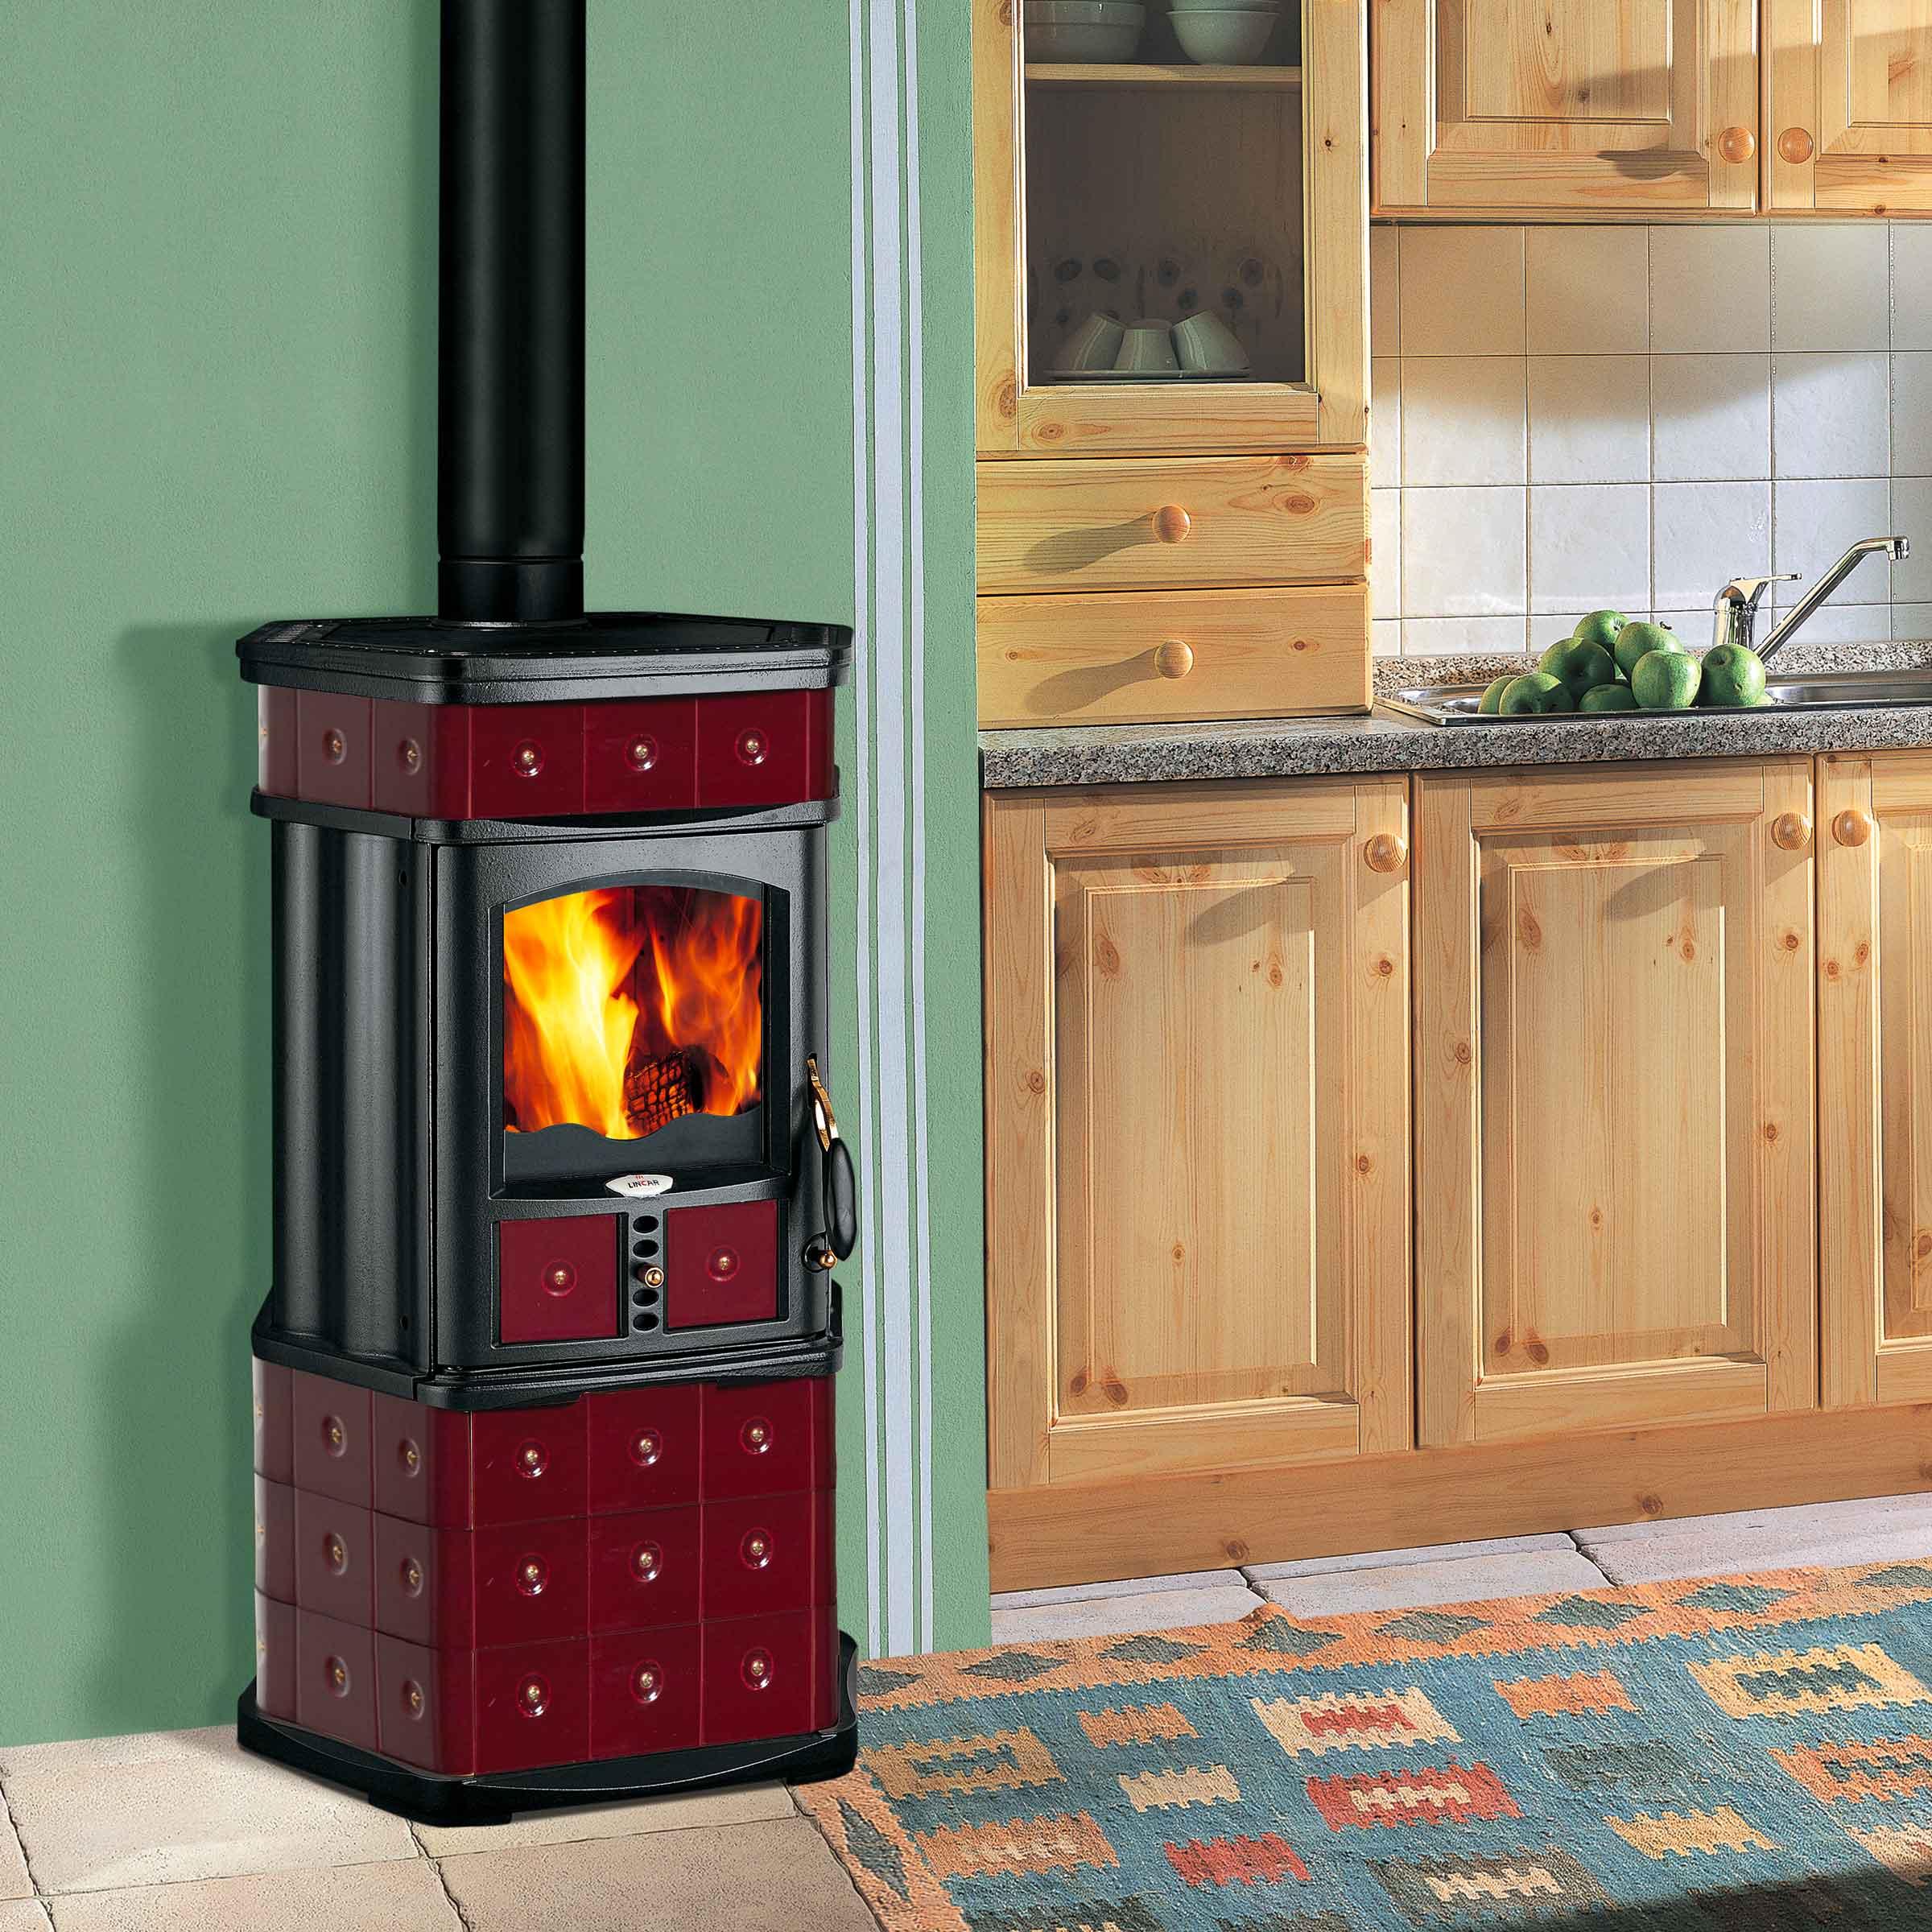 Stufe e termostufe a legna cb caminetti bellucci - Termostufe a legna usate ...